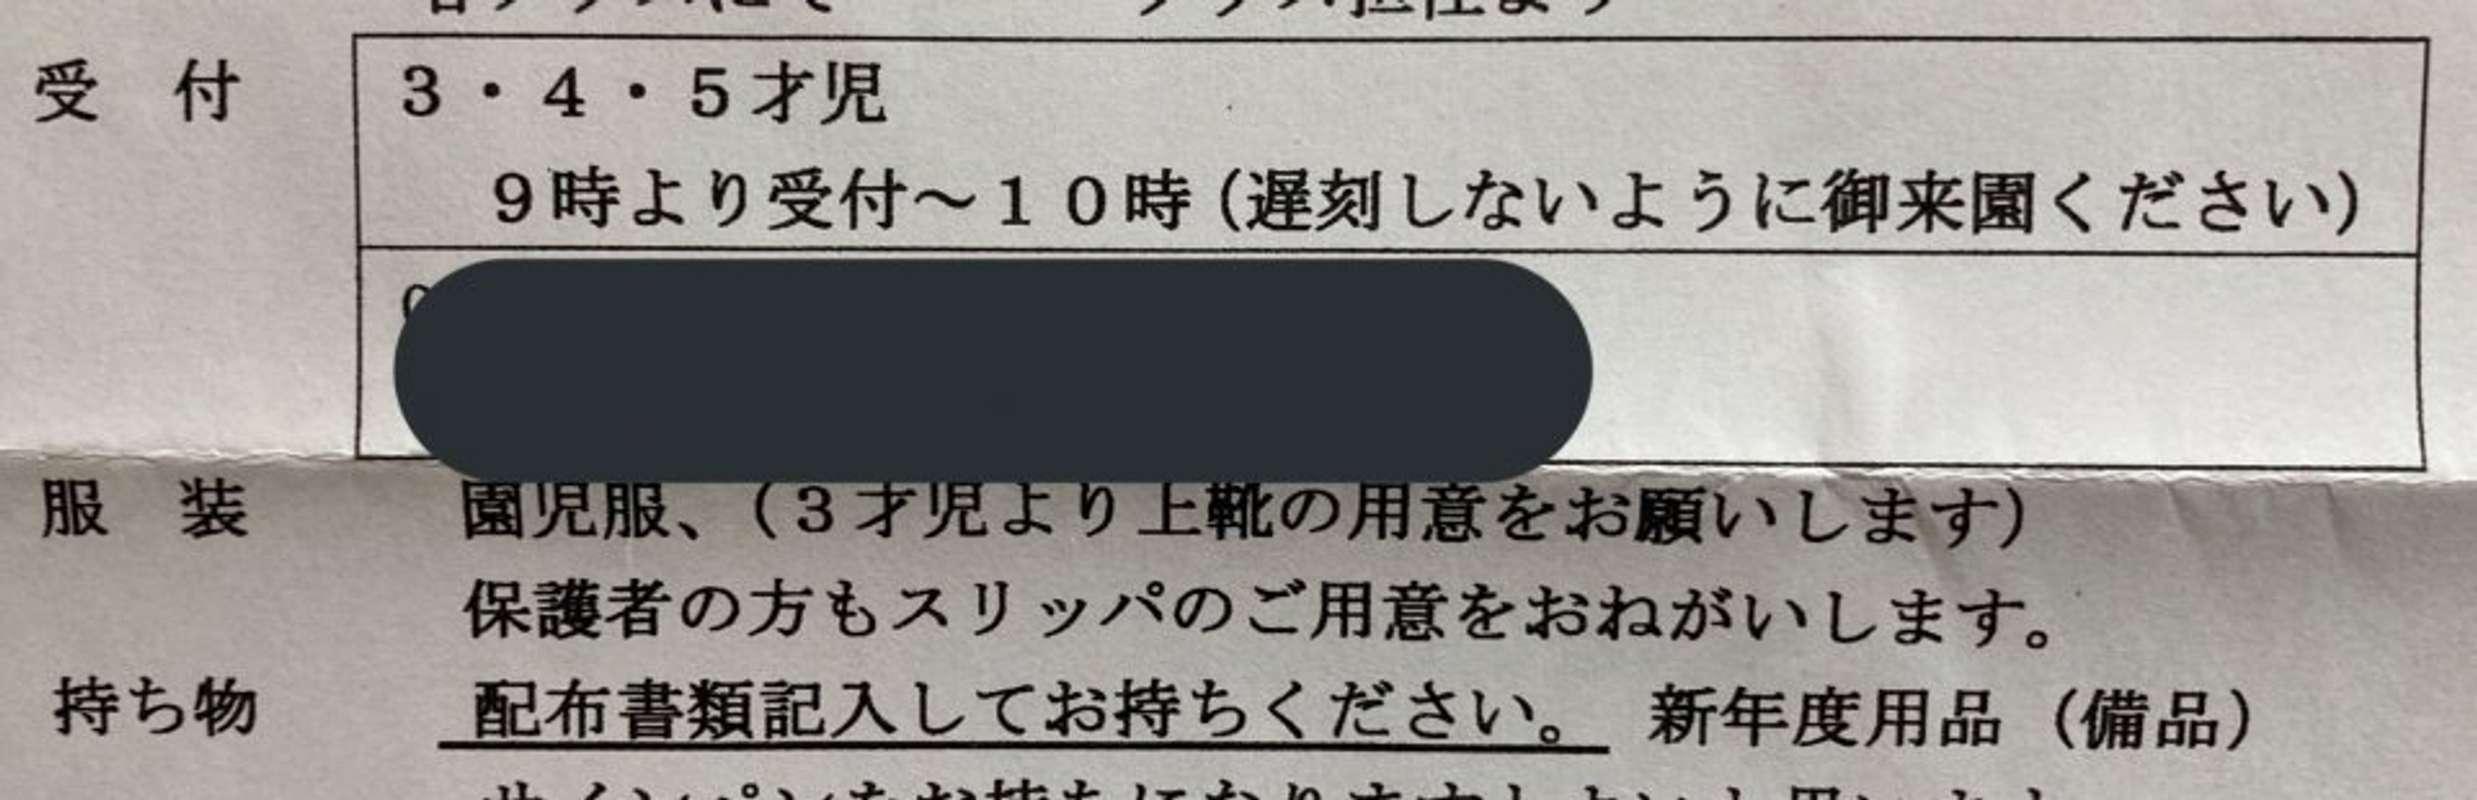 受付:「9時より受付~10時」(画像は板垣寛(@gakisan8273)さんから)